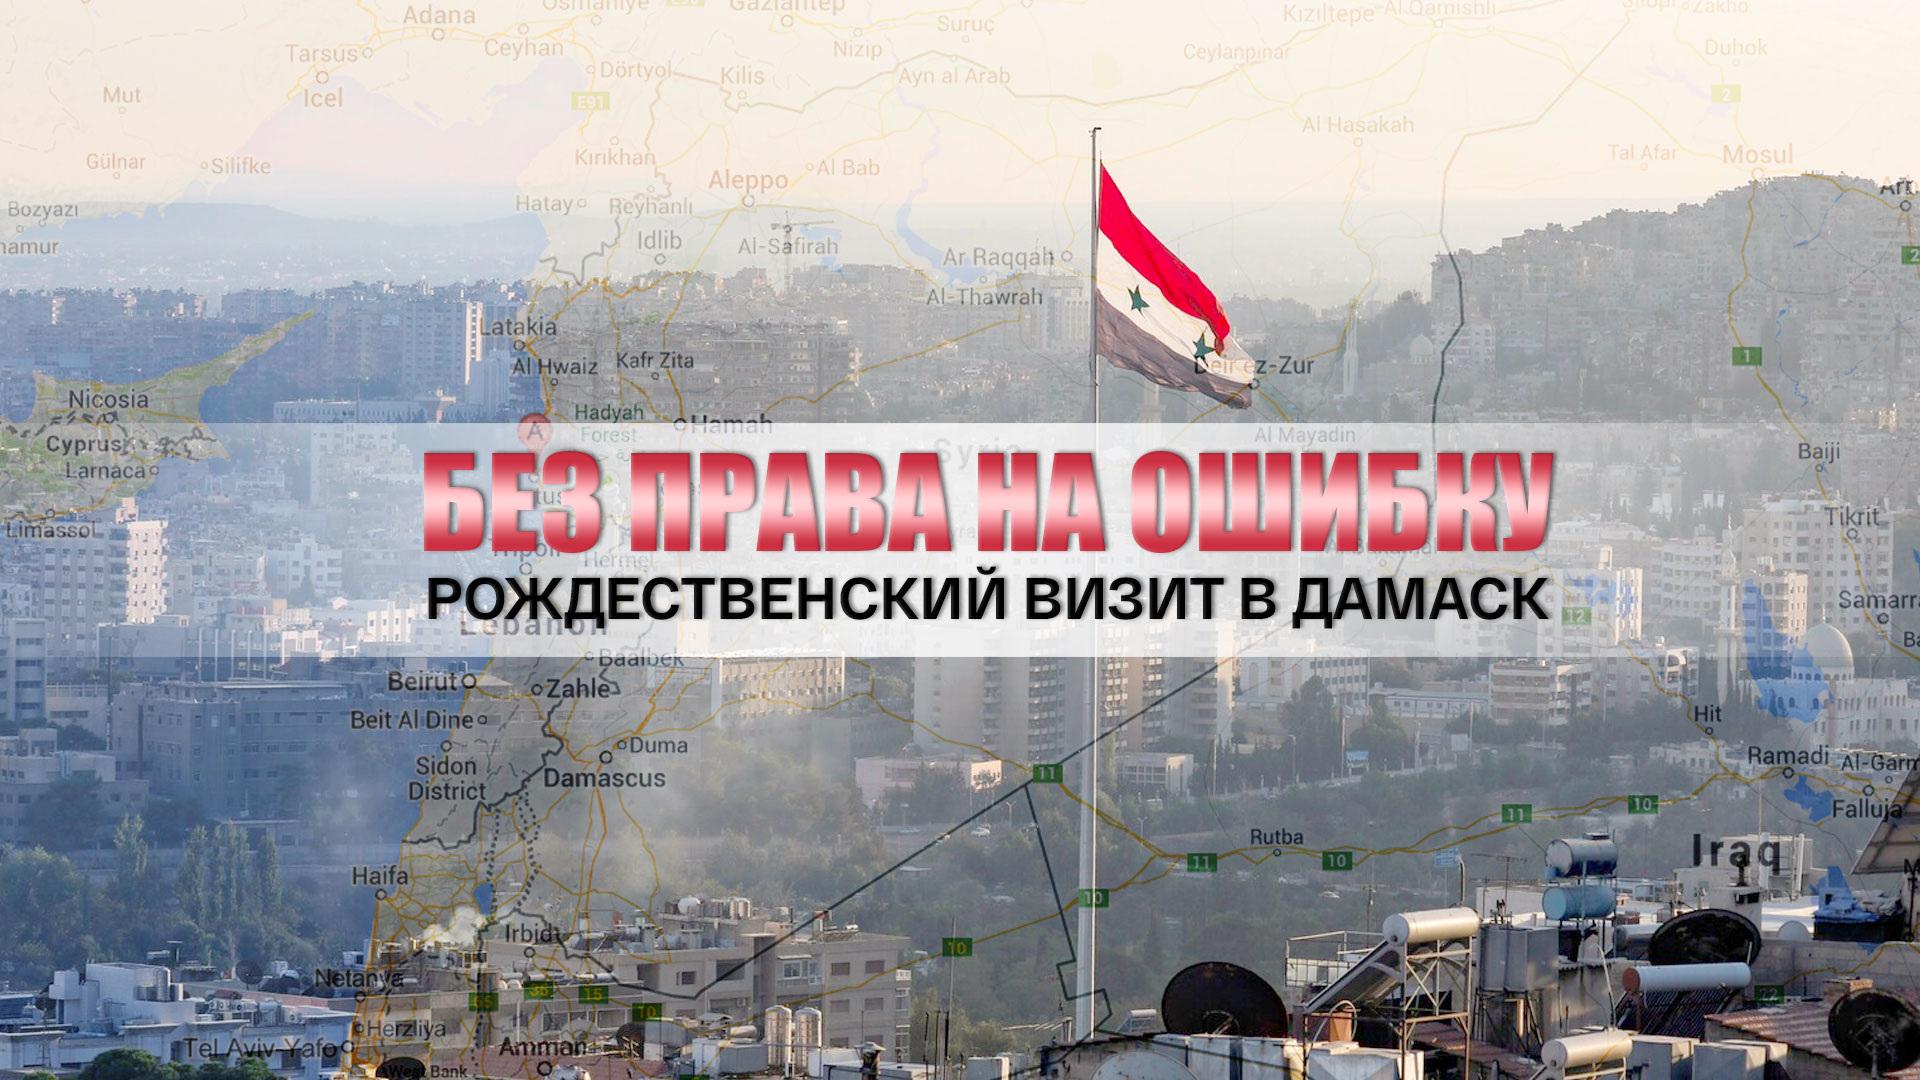 Без права на ошибку. Рождественский визит в Дамаск